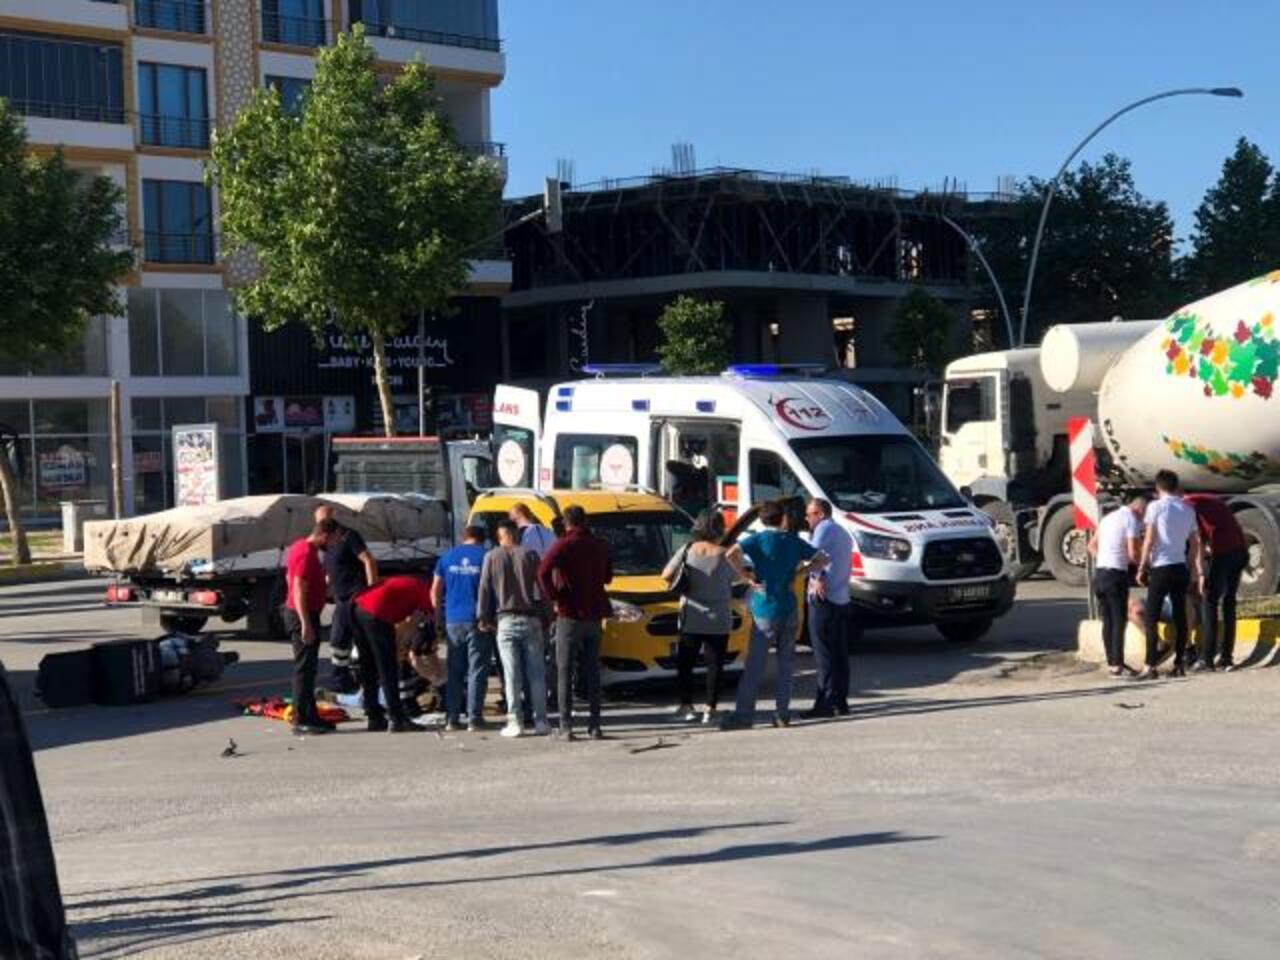 Çorum'da otomobil ve motosiklet çarpıştı: 1 yaralı